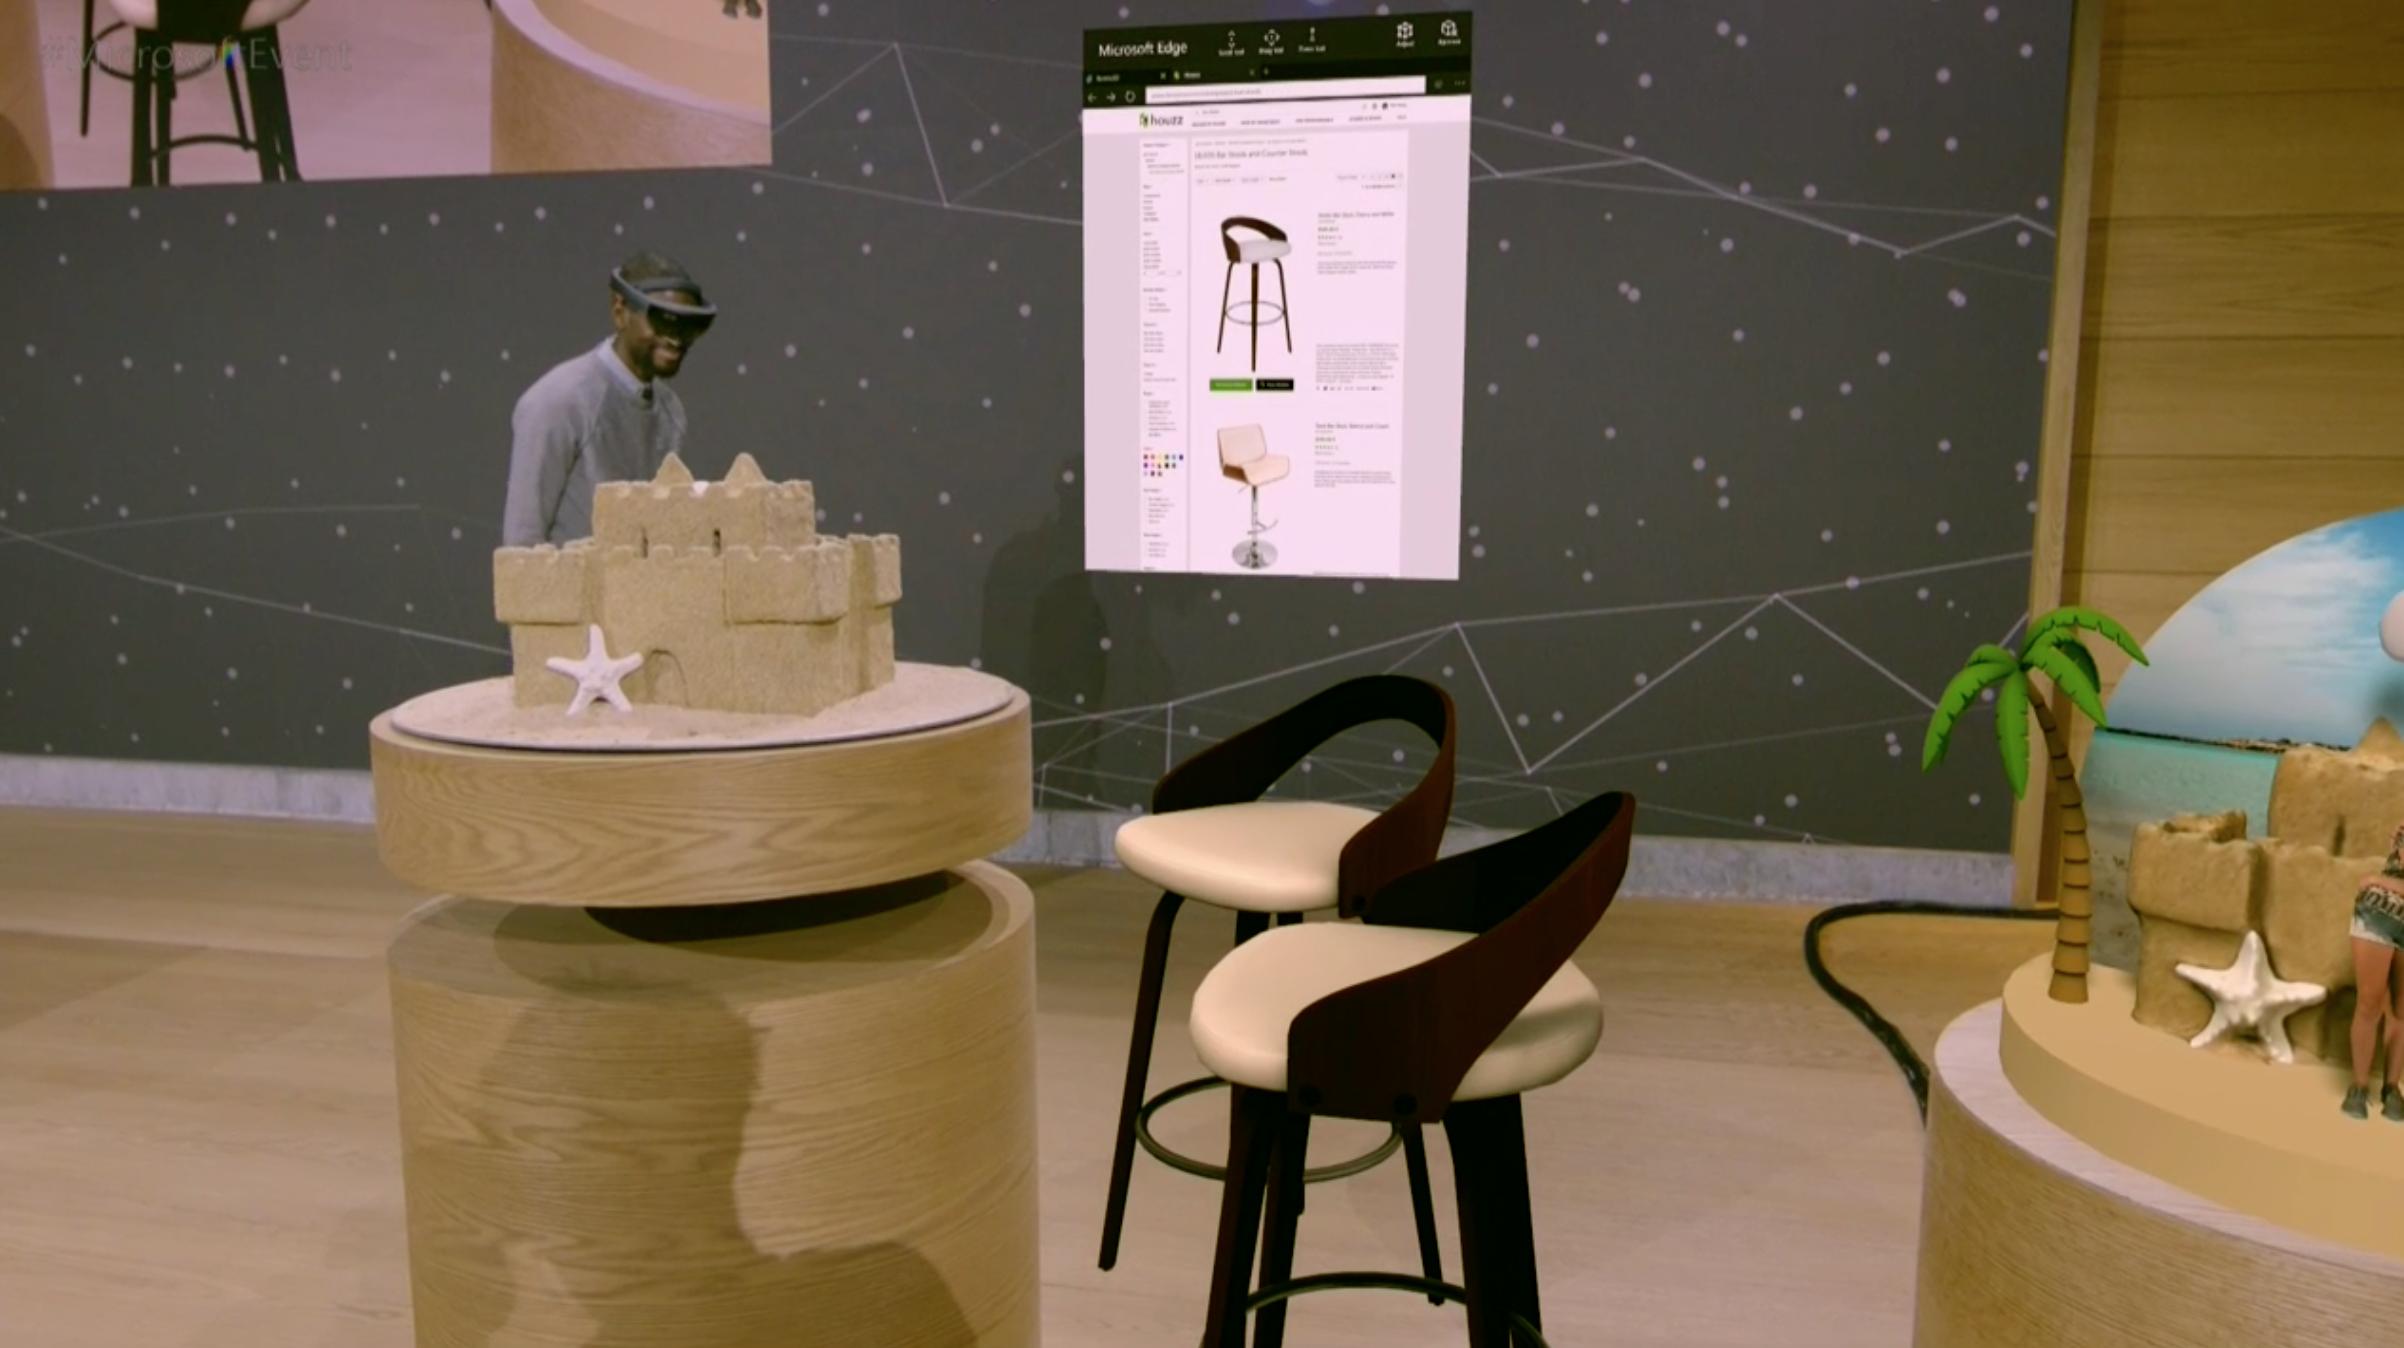 Tuolit ja oikean reunan hiekkalinna ovat virtuaalisia luomuksia todellisessa ympäristössä, kiitos HoloLensin.